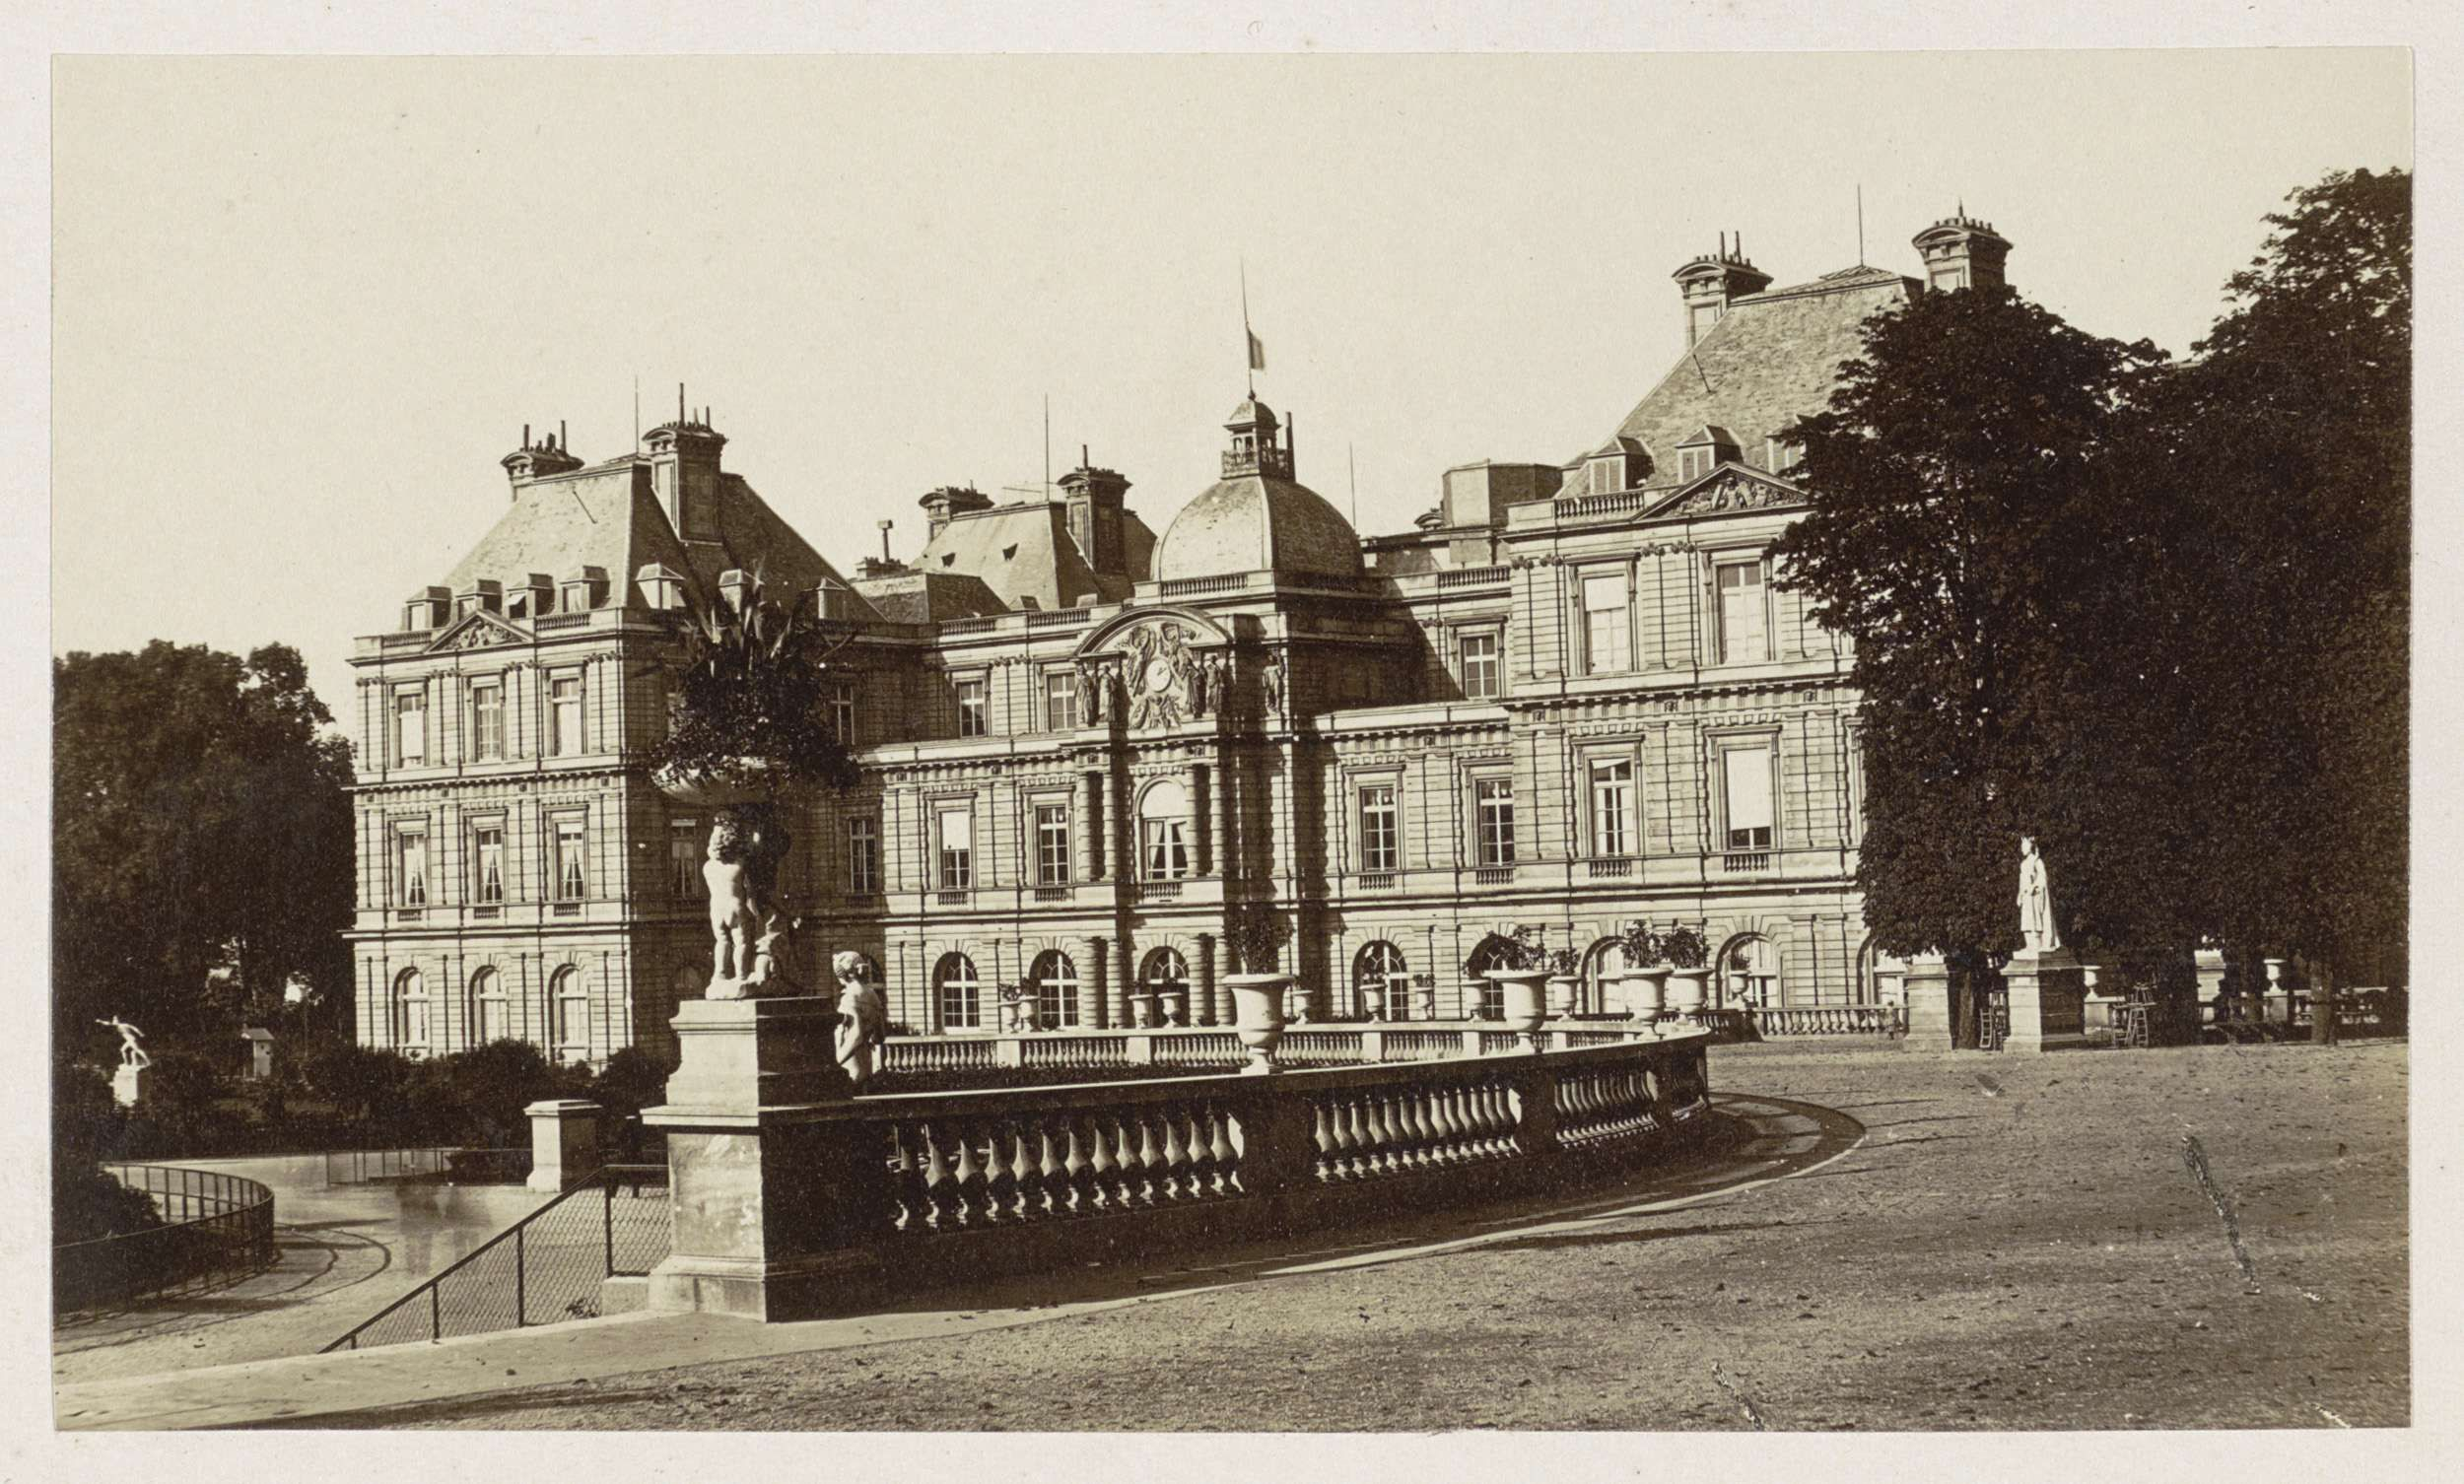 Anonymous | Exterieur van het Palais du Luxembourg in Parijs, Anonymous, 1878 - 1890 | Onderdeel van Reisalbum Europese steden, vermoedelijk Zweeds.